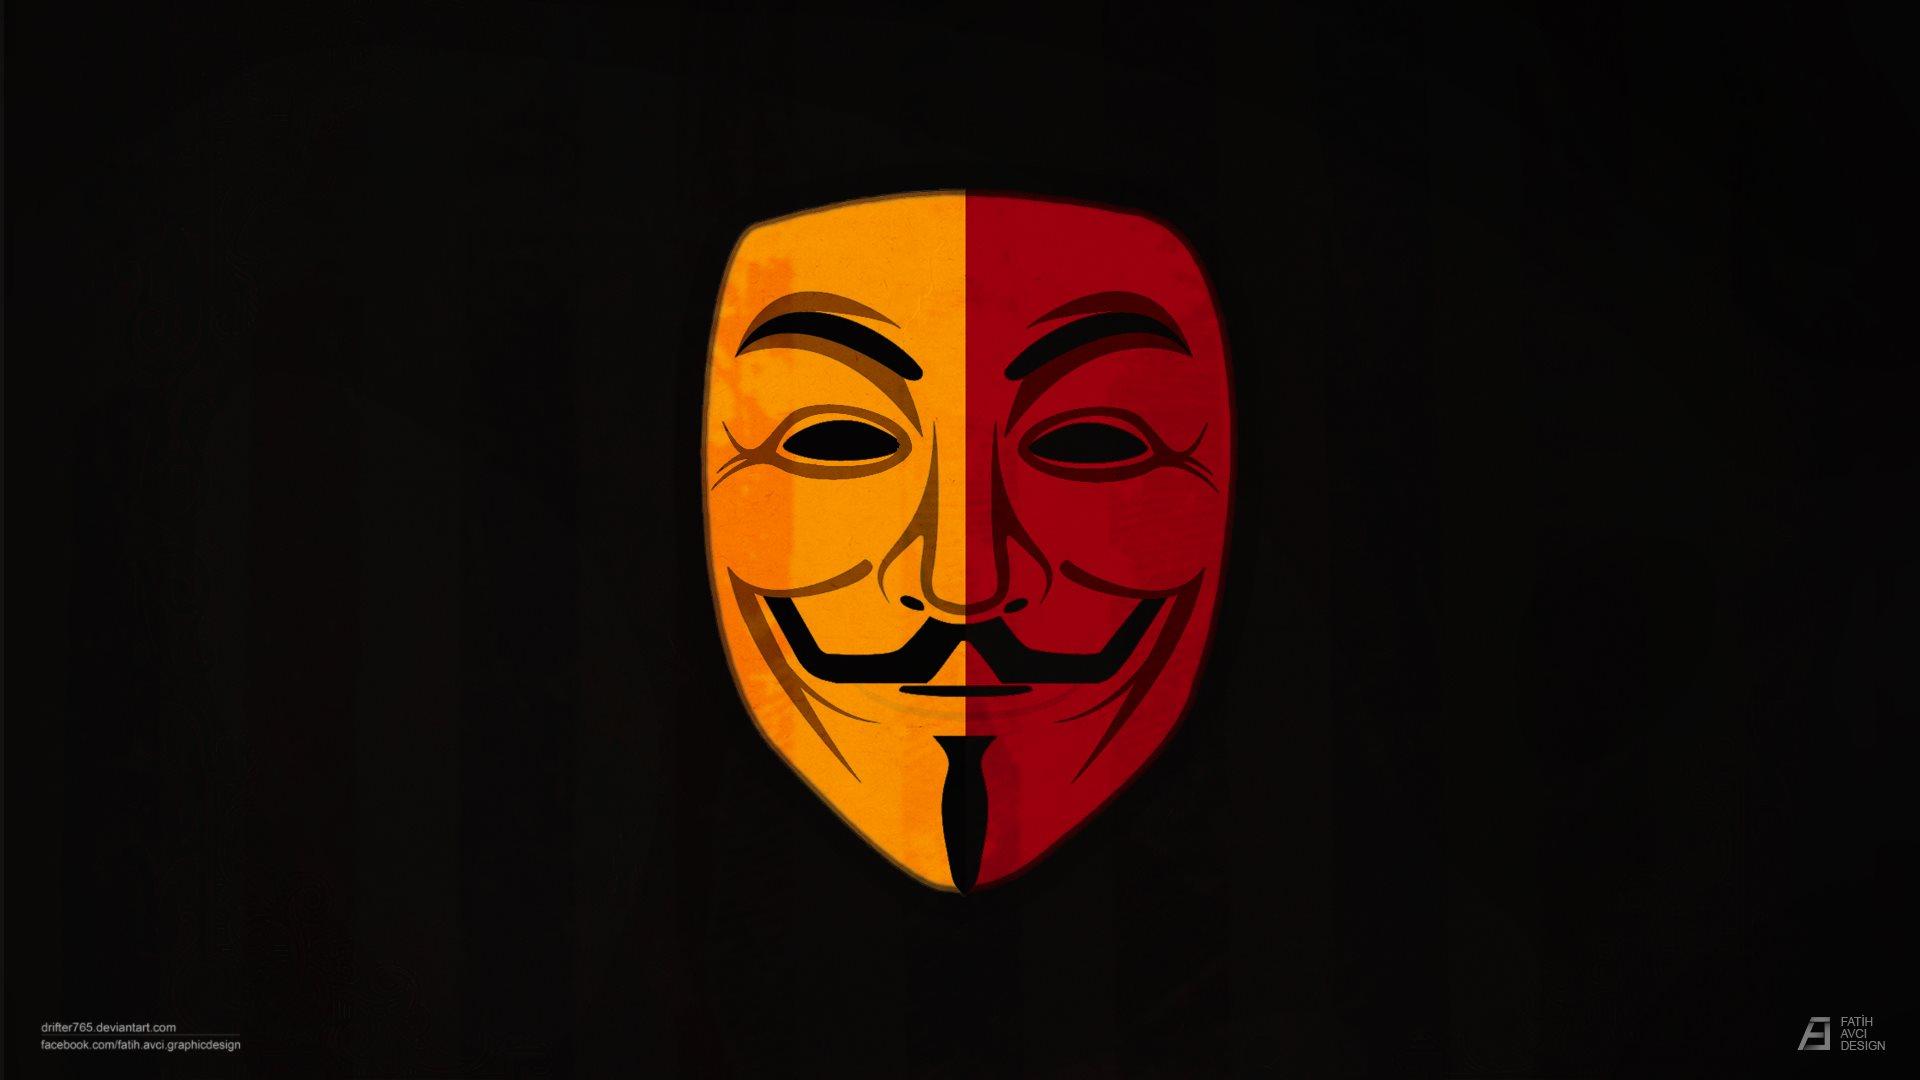 Vendetta Mask  V For Vendetta Mask Wallpaper